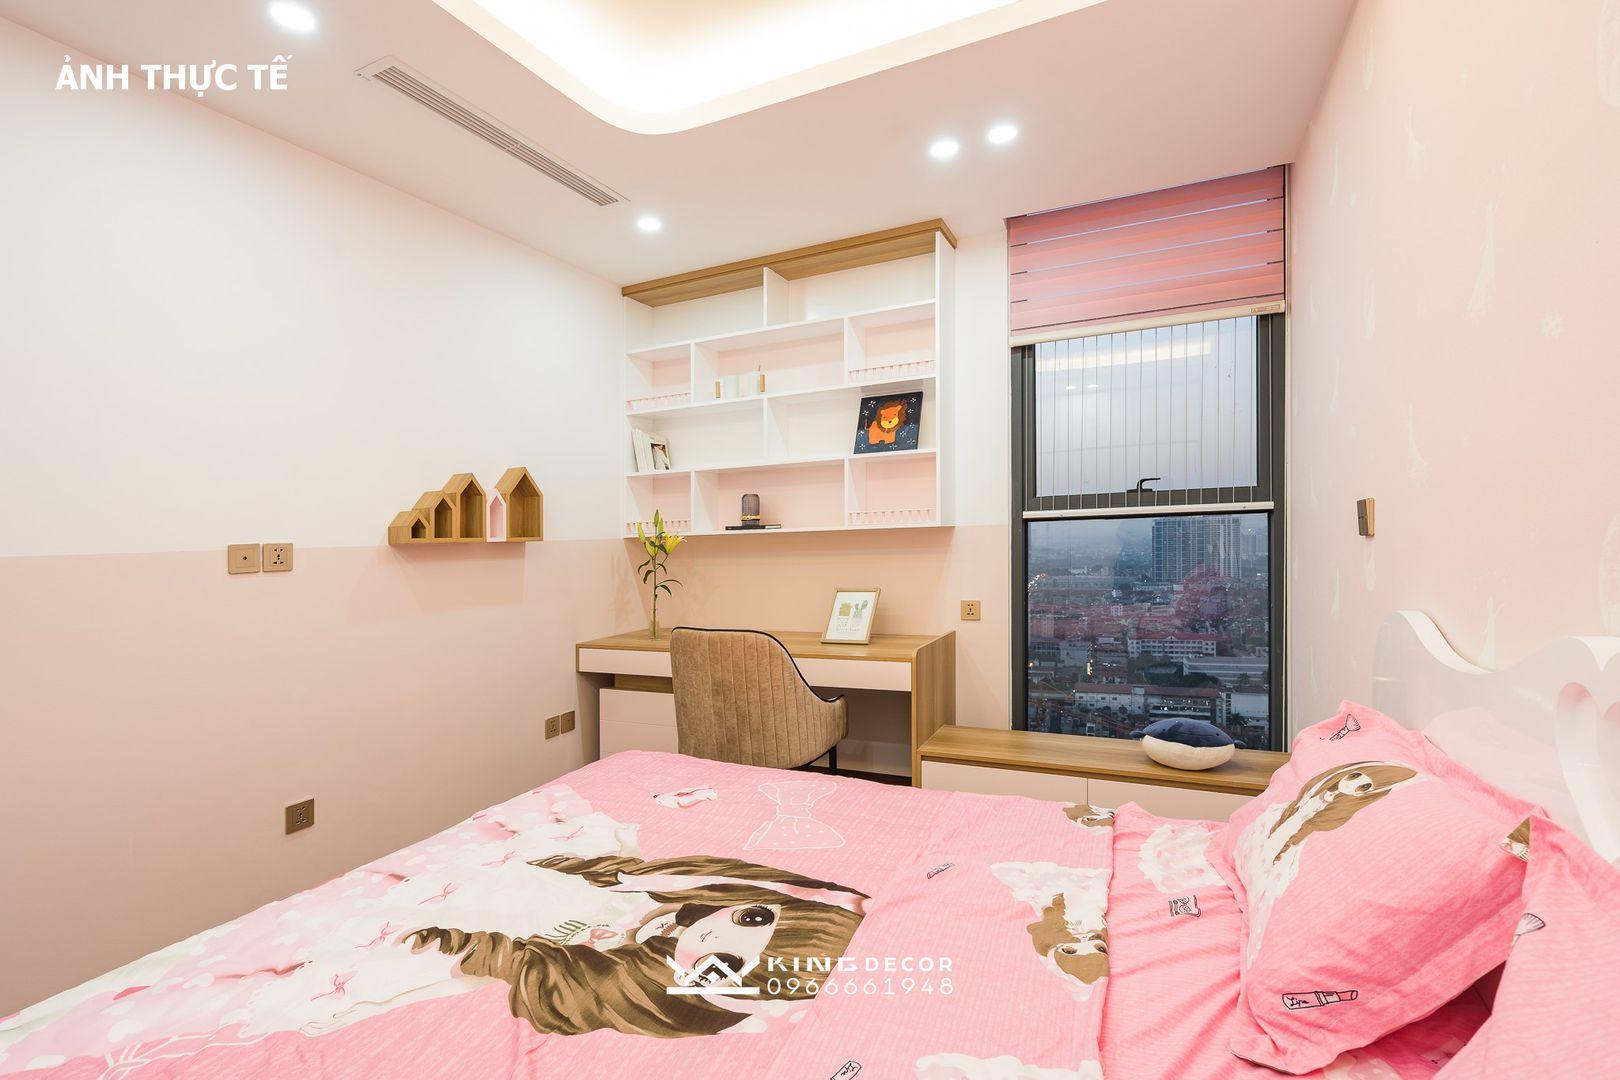 Ảnh thực tế thi công nội thất căn hộ B.2810 tại New Skyline